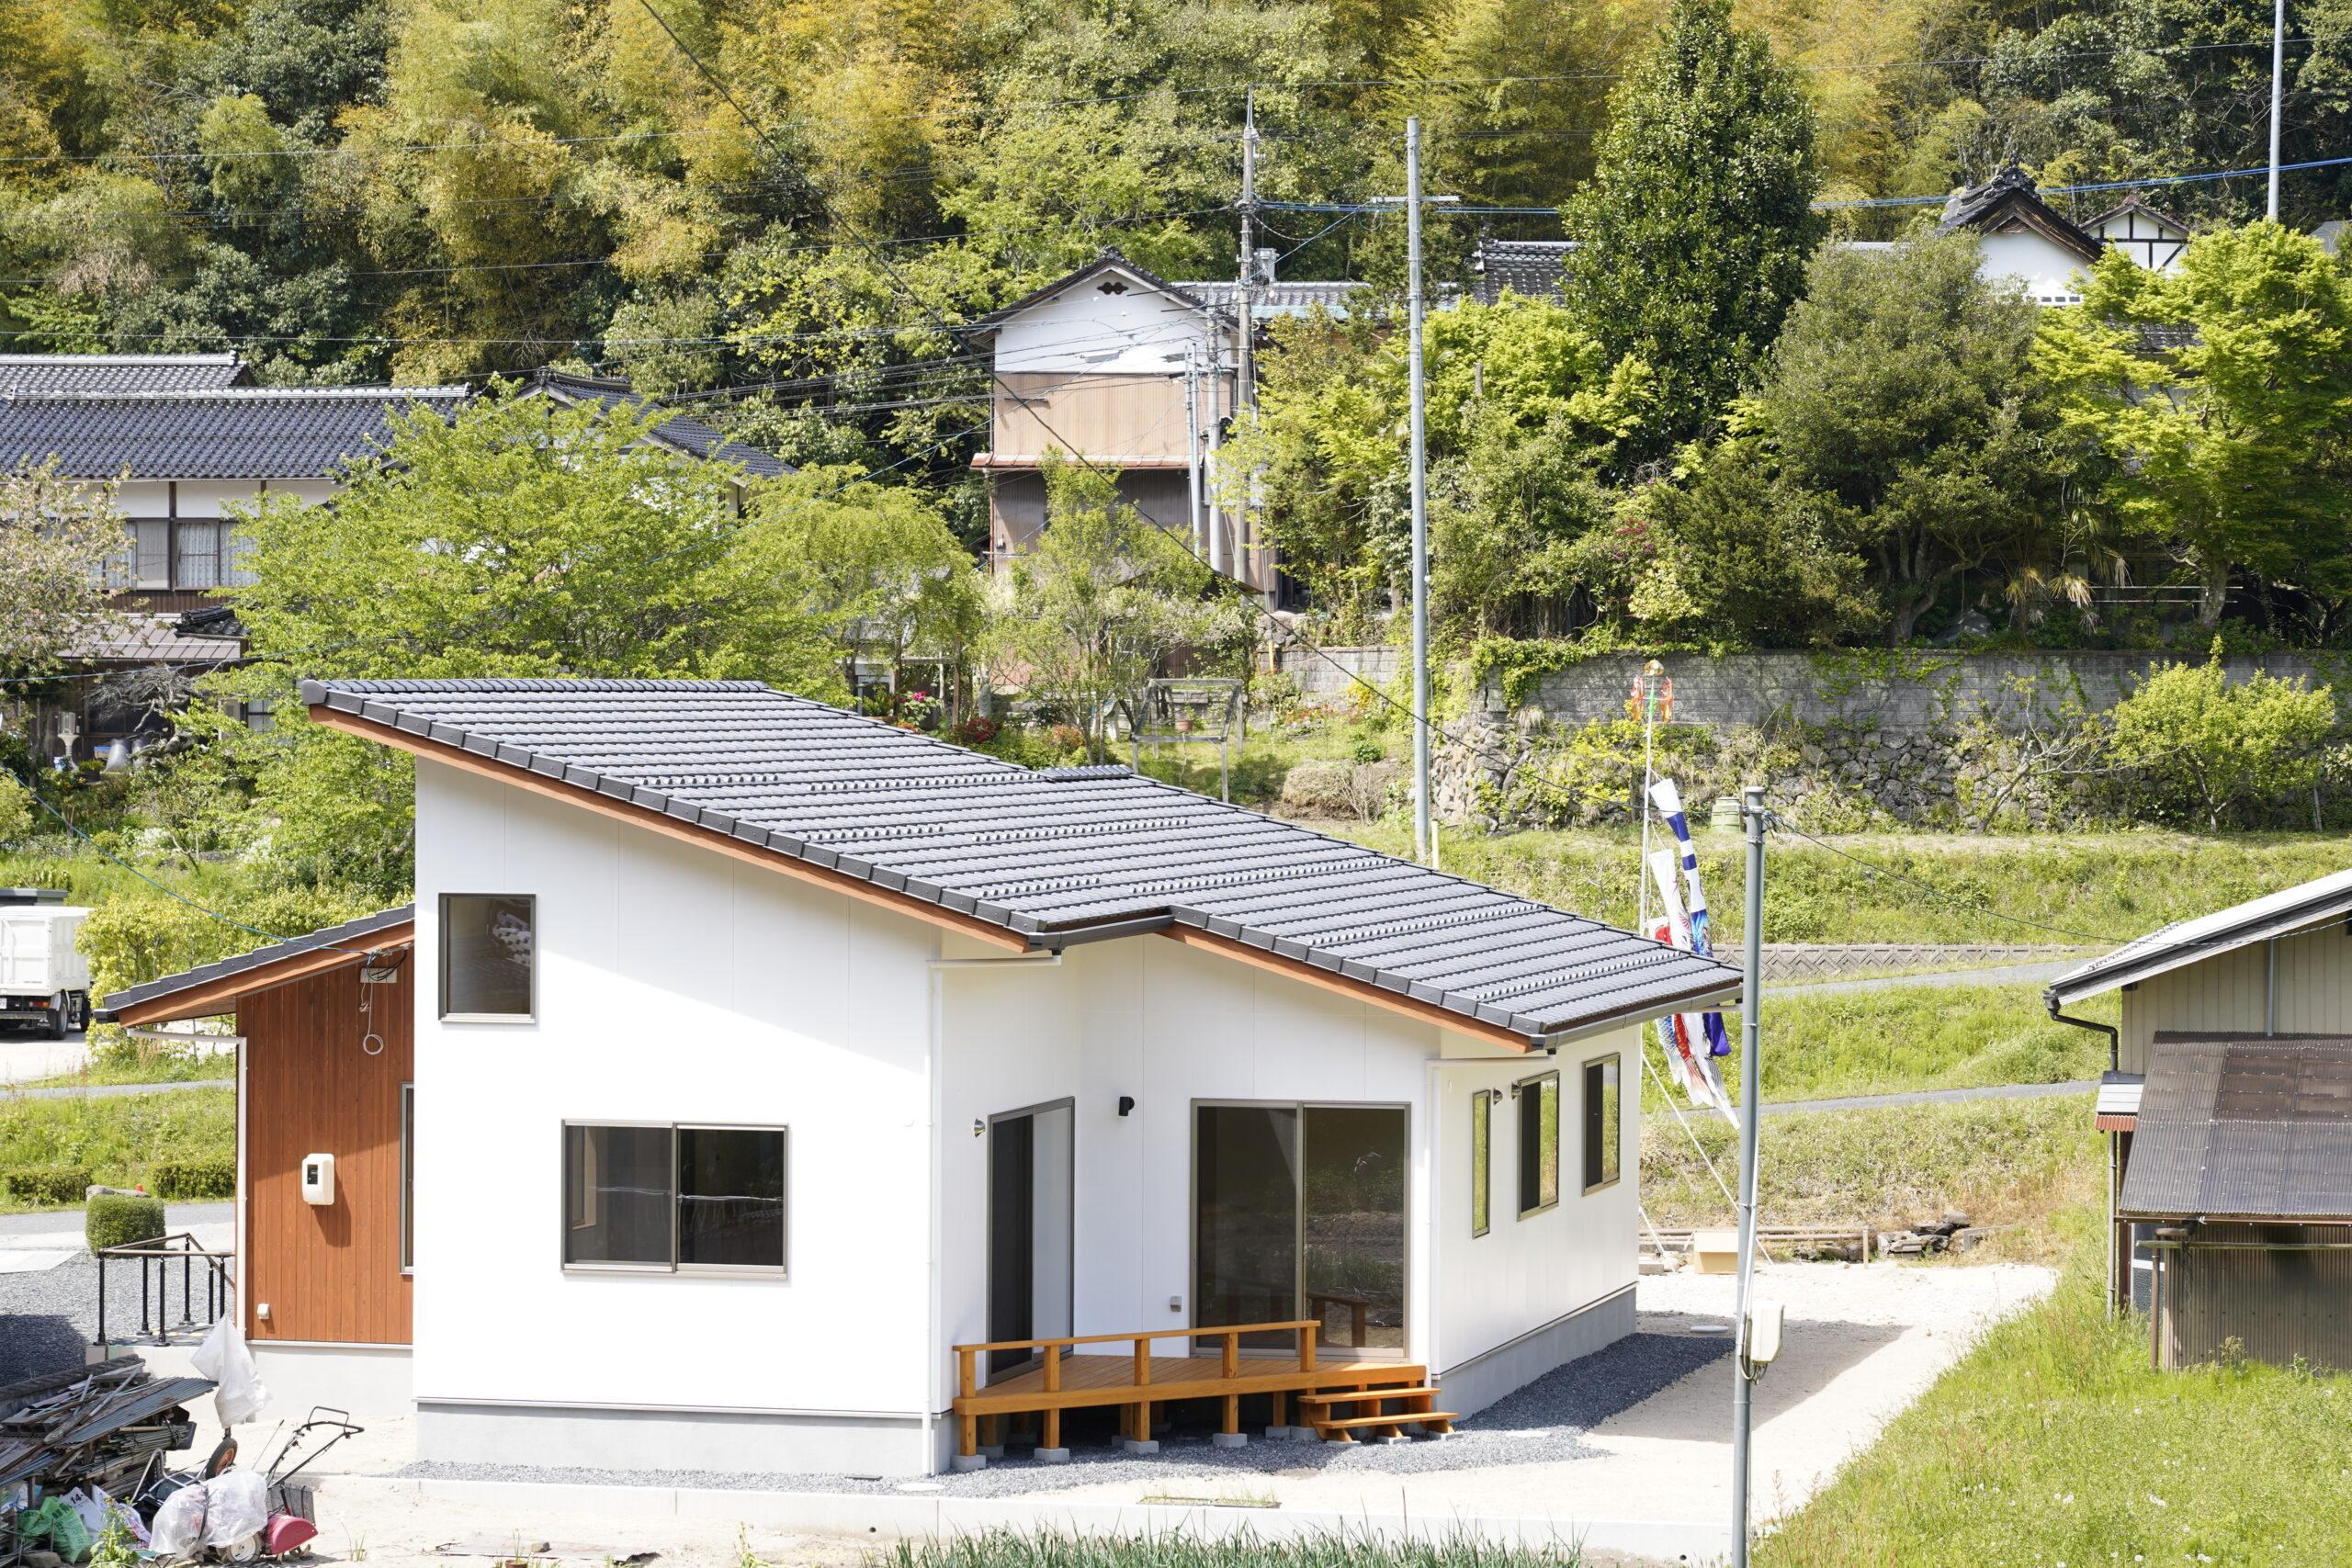 勾配天井のある平屋の家